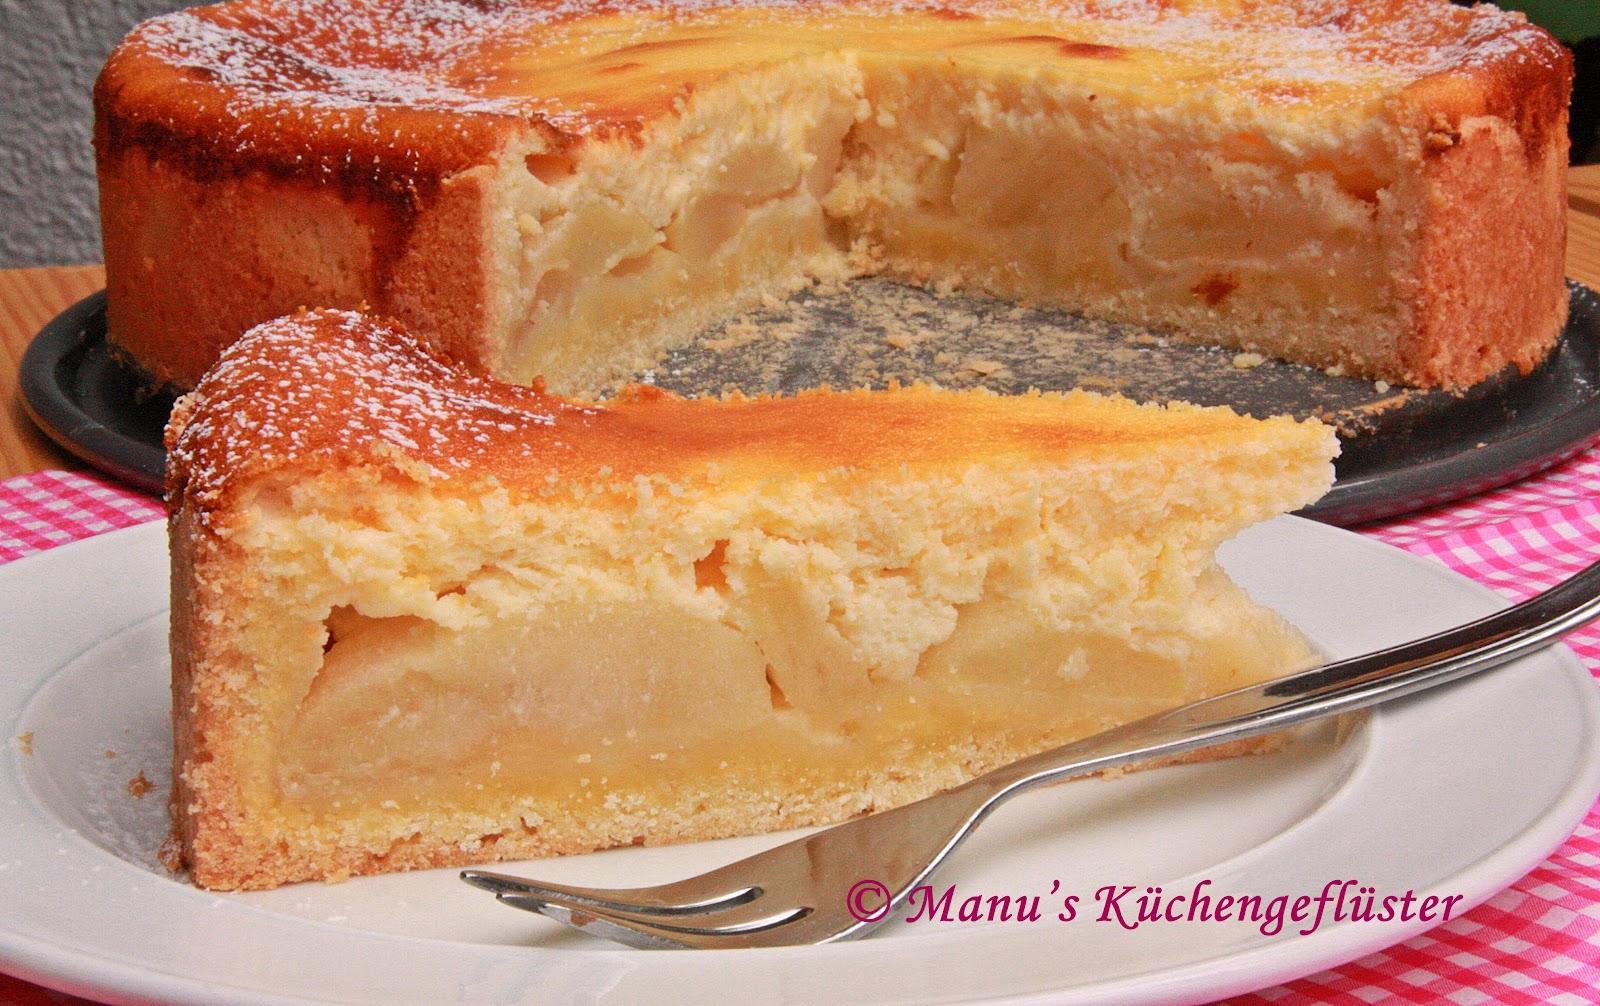 Manus Kuchengefluster Apfelkuchen Mit Quark Schmand Guss